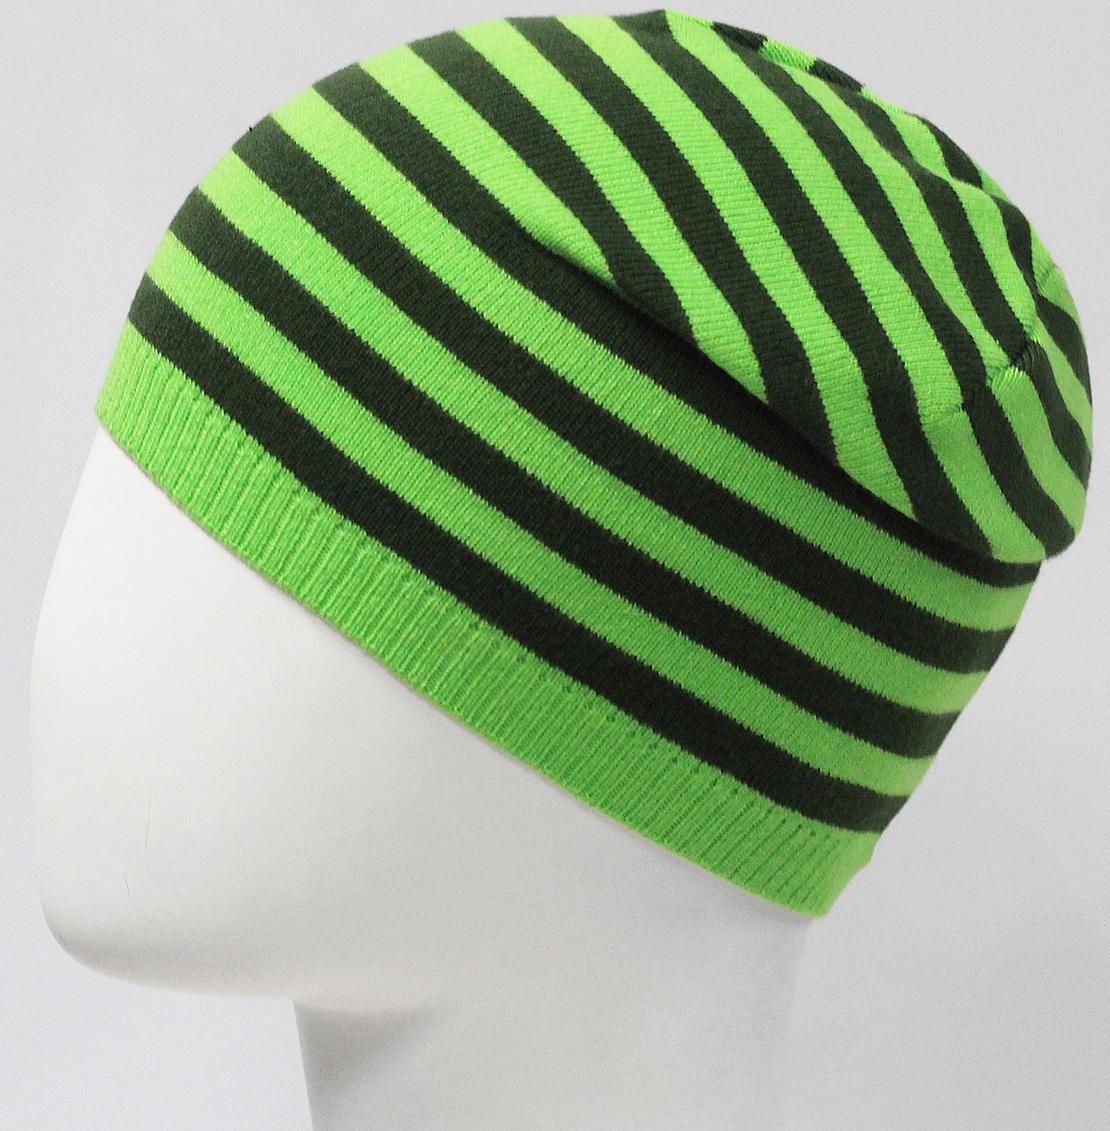 Шапка для мальчика Marhatter, цвет: светло-зеленый. MBH7533. Размер 50/52MBH7533Хлопковая шапка для мальчиков с контрастным сочетанием полос. Прекрасно подойдет для повседневных прогулок. Размер, доступный для заказа, является обхватом головы.